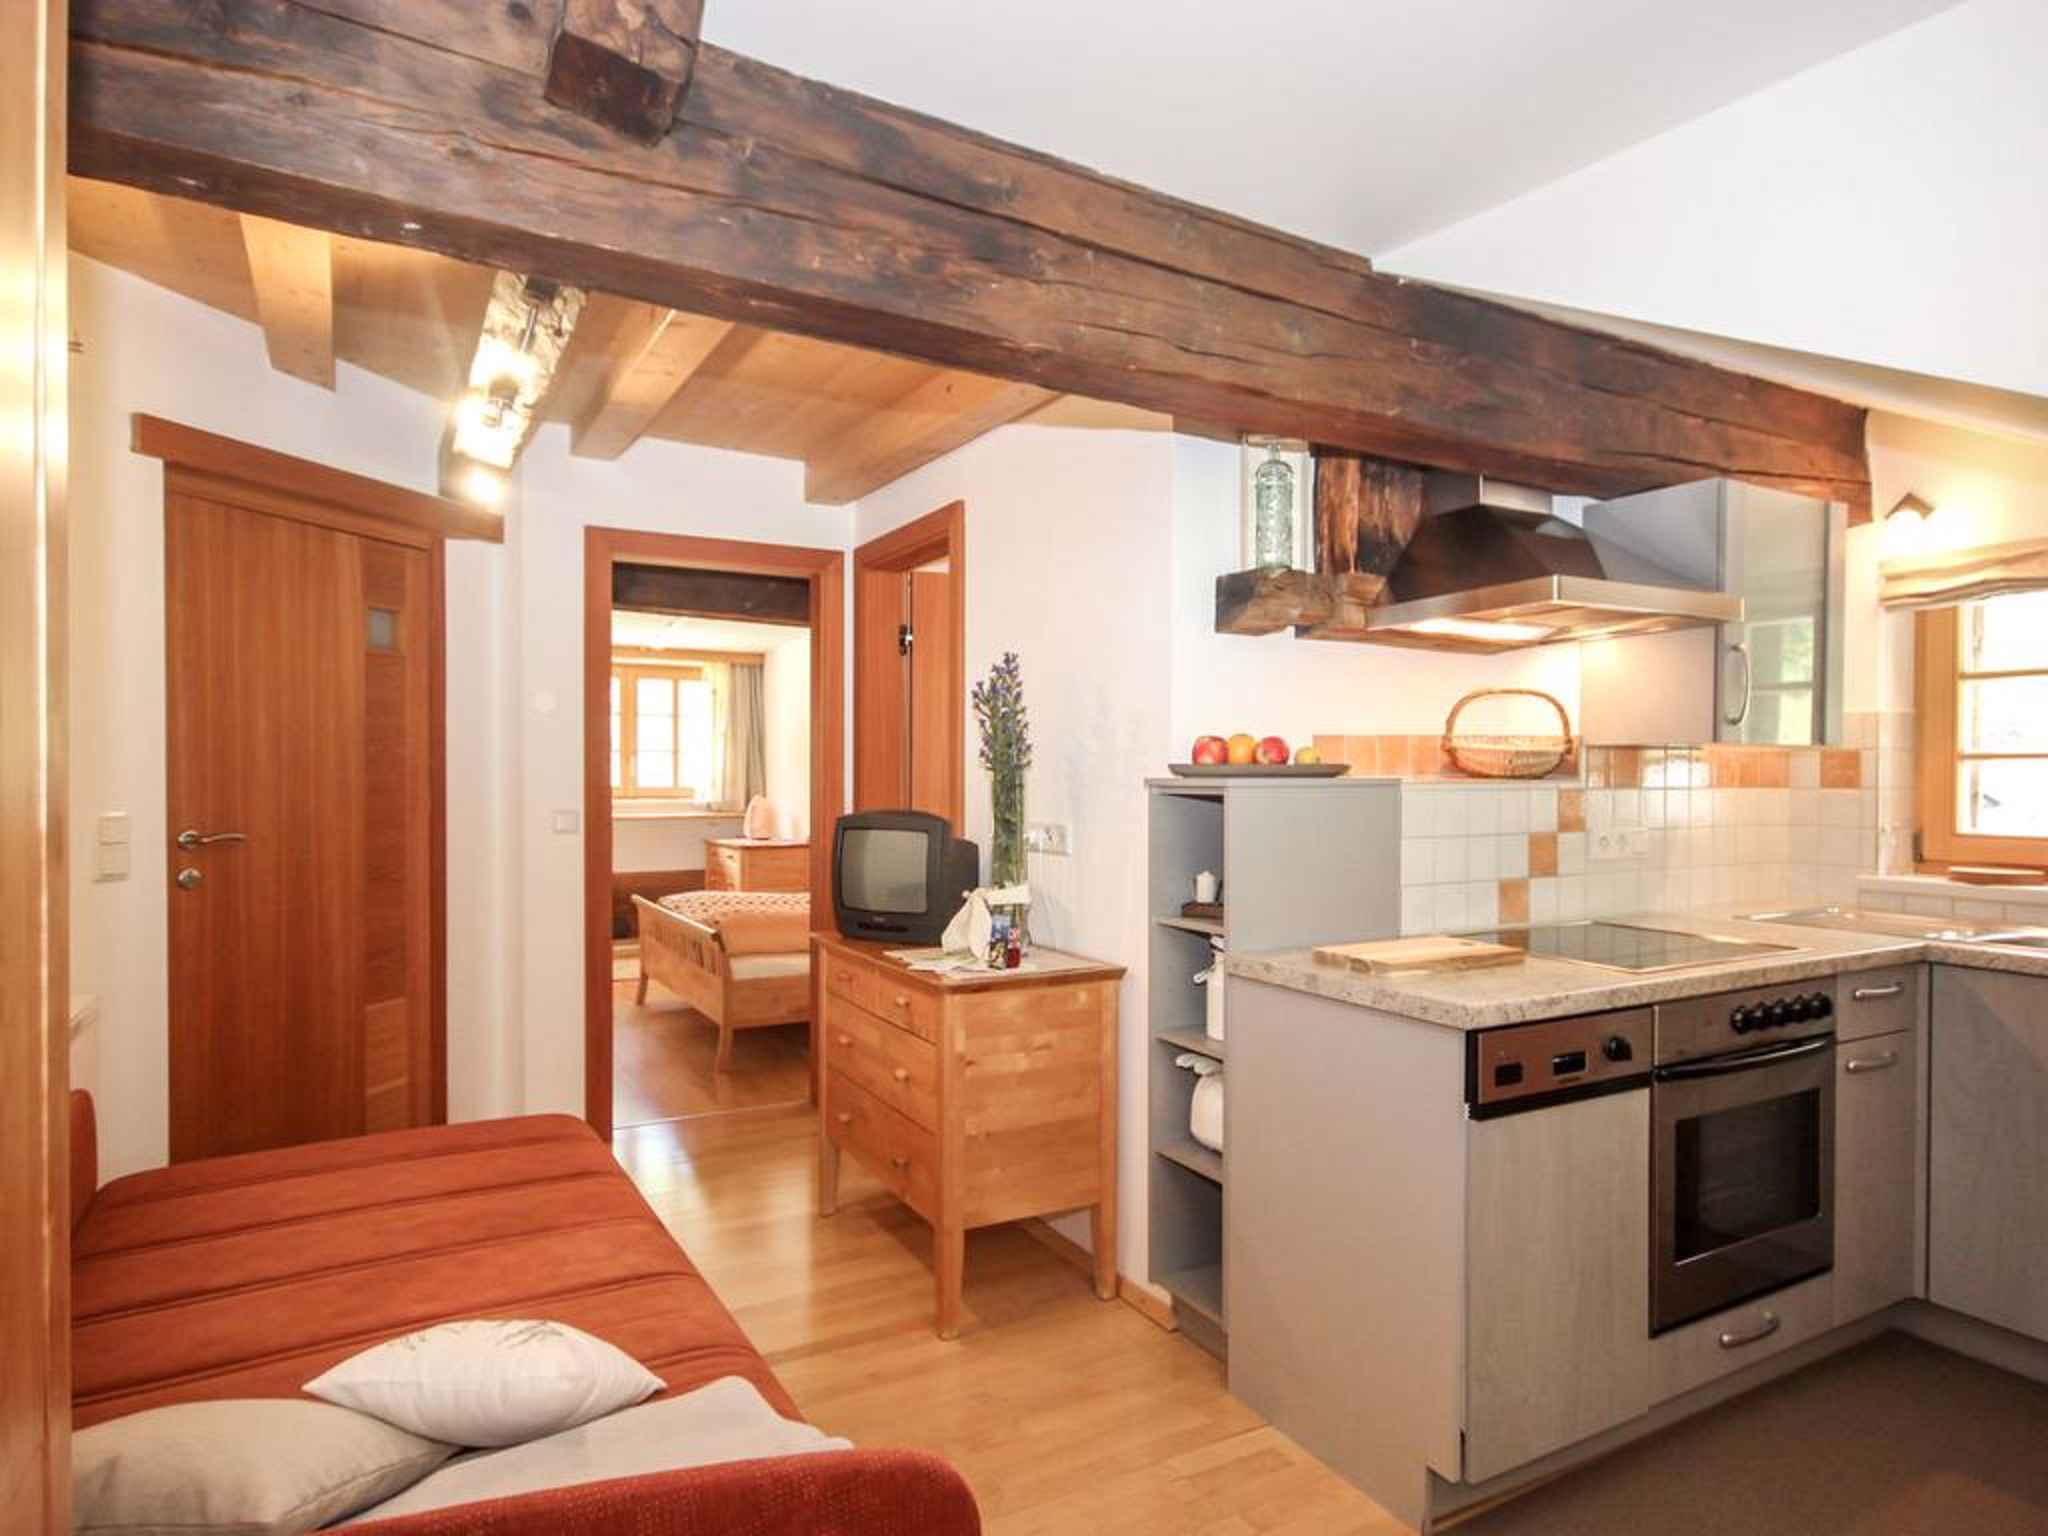 Ferienwohnung in einem über 300 Jahre alten Holzhaus (283708), Sölden (AT), Ötztal, Tirol, Österreich, Bild 19